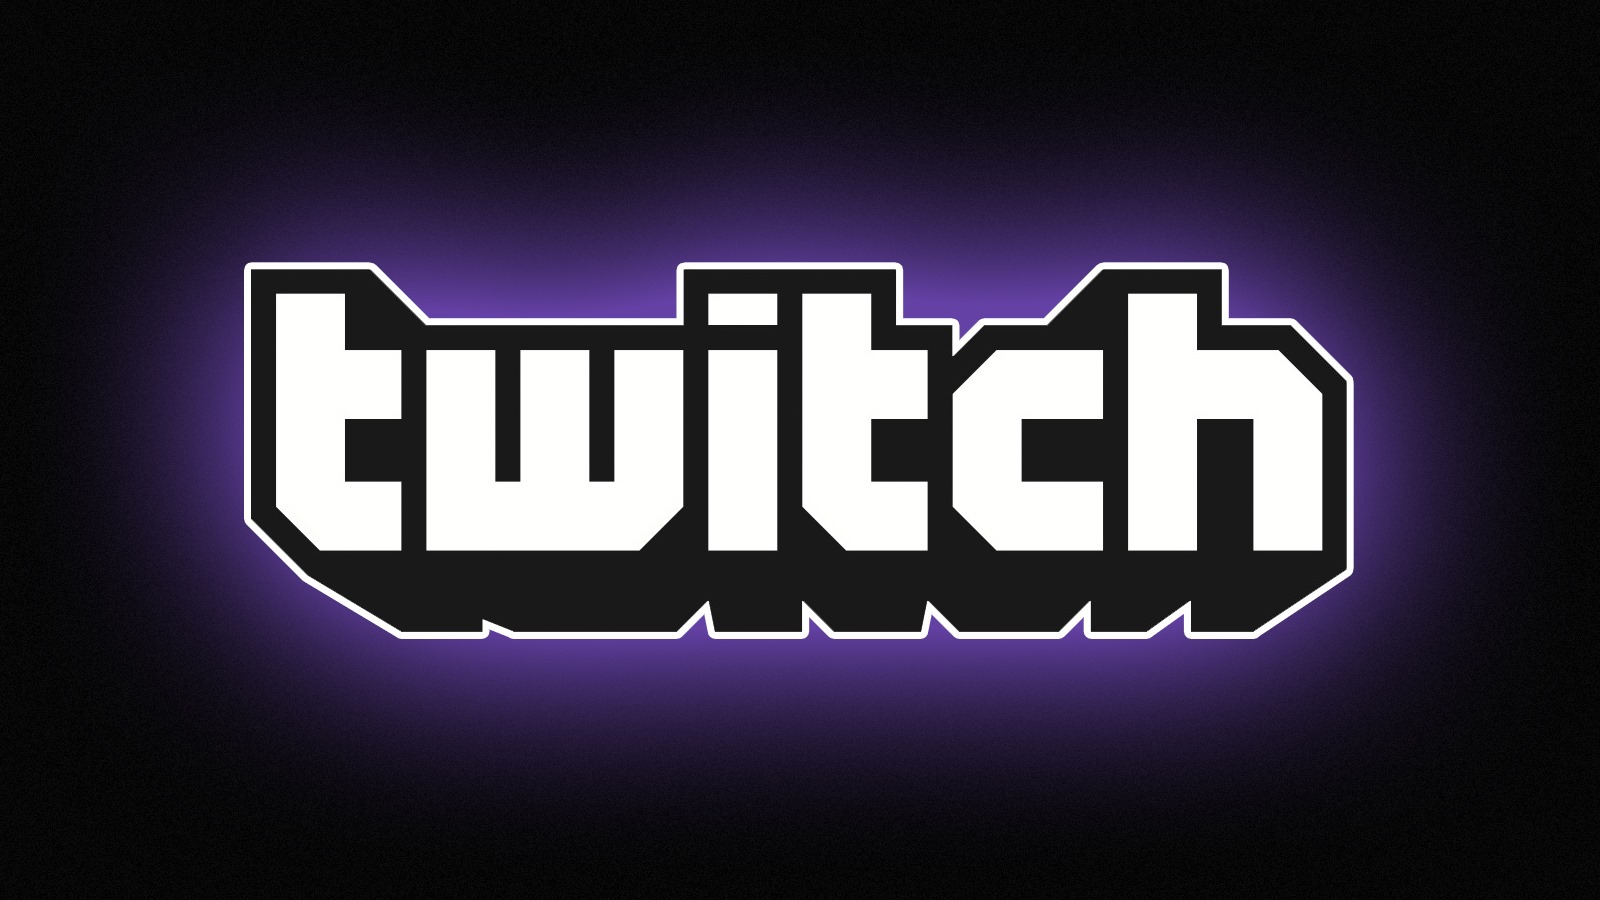 Самые просматриваемые мартовские eSports-события на площадке Twitch